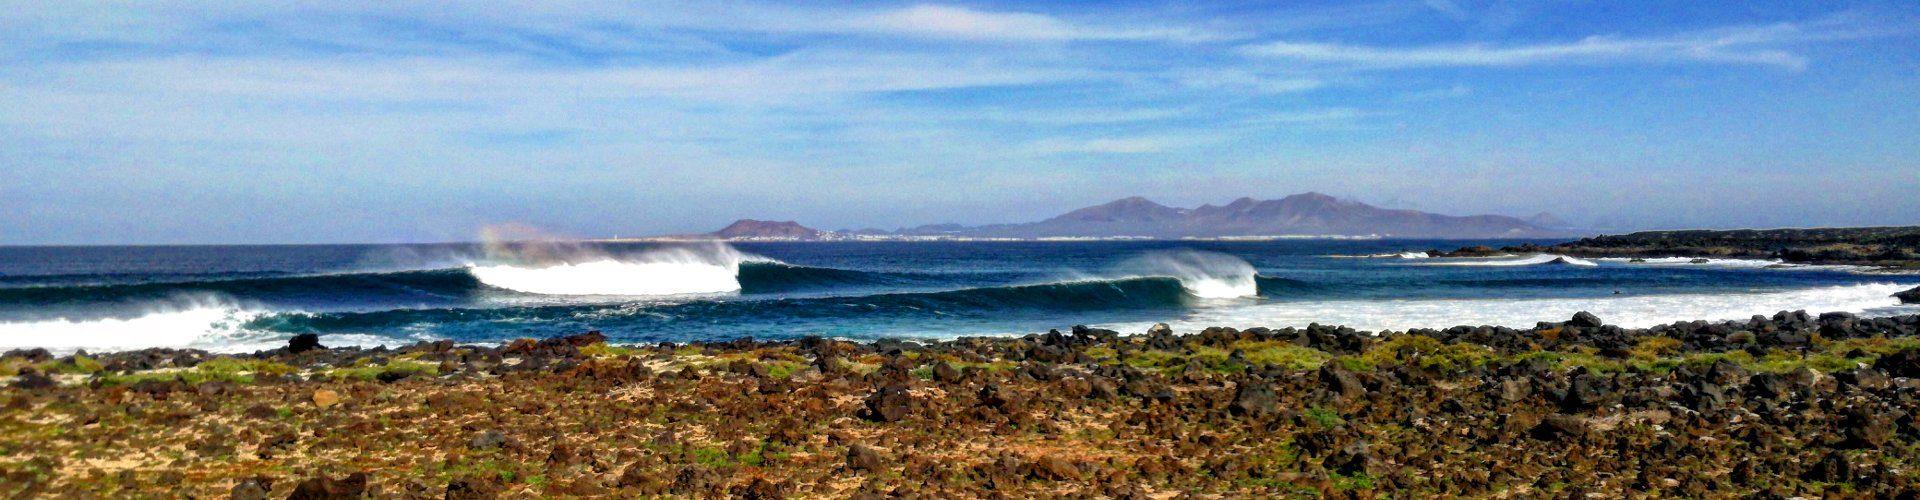 surf spot en Fuerteventura